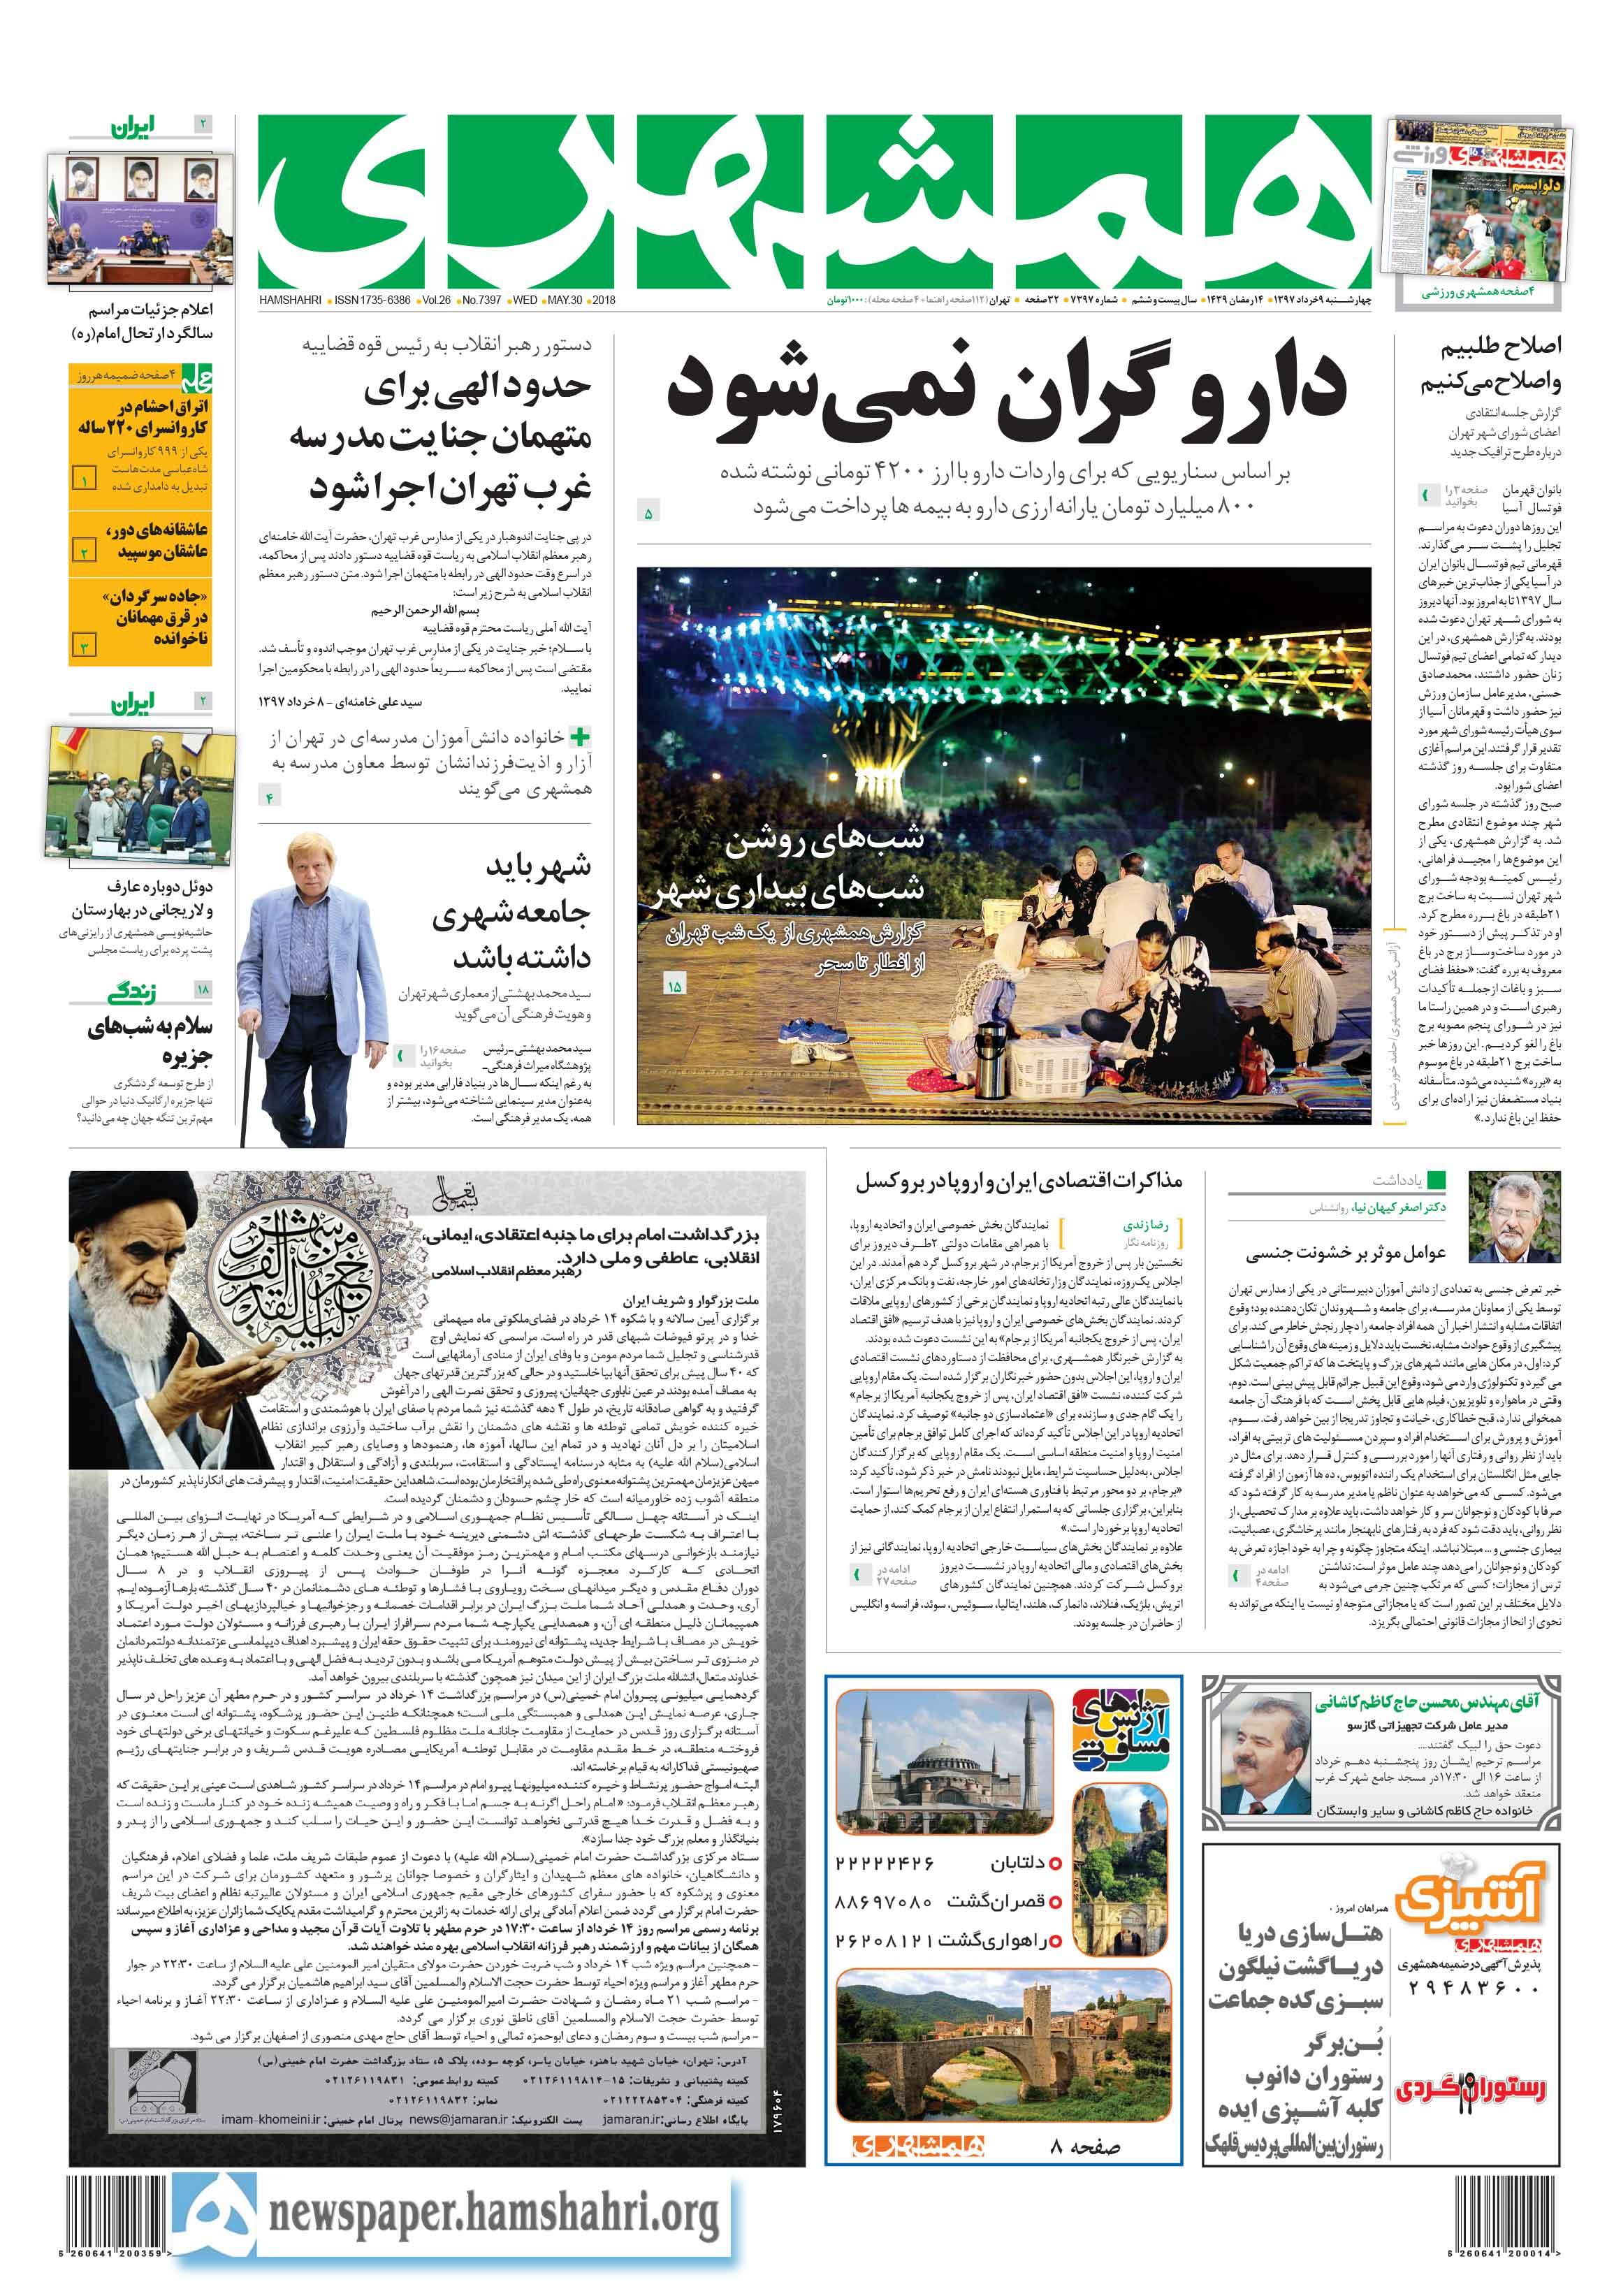 صفحه اول چهارشنبه 9 خرداد 1397